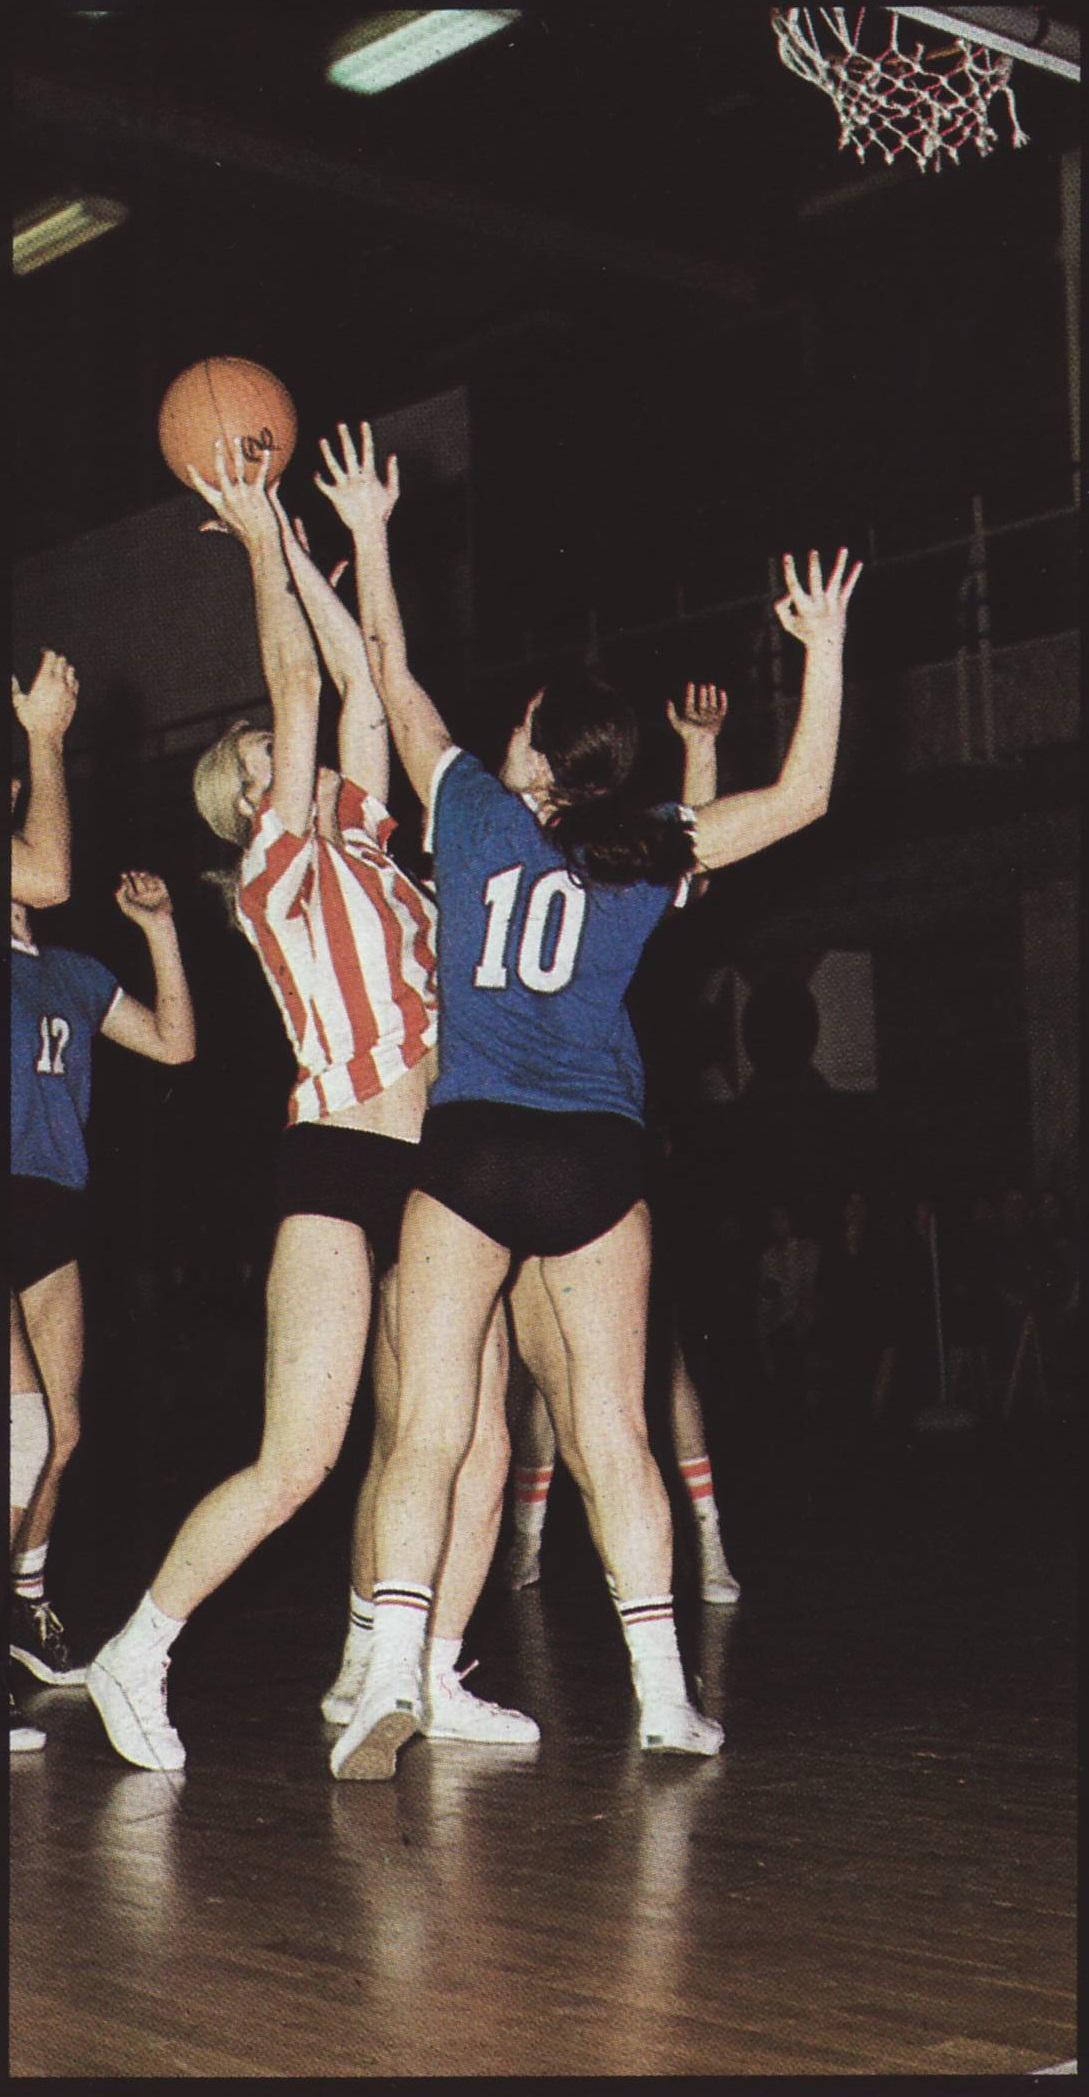 図2.女子バスケットボールの試合風景 Review, December, 1978, p.26